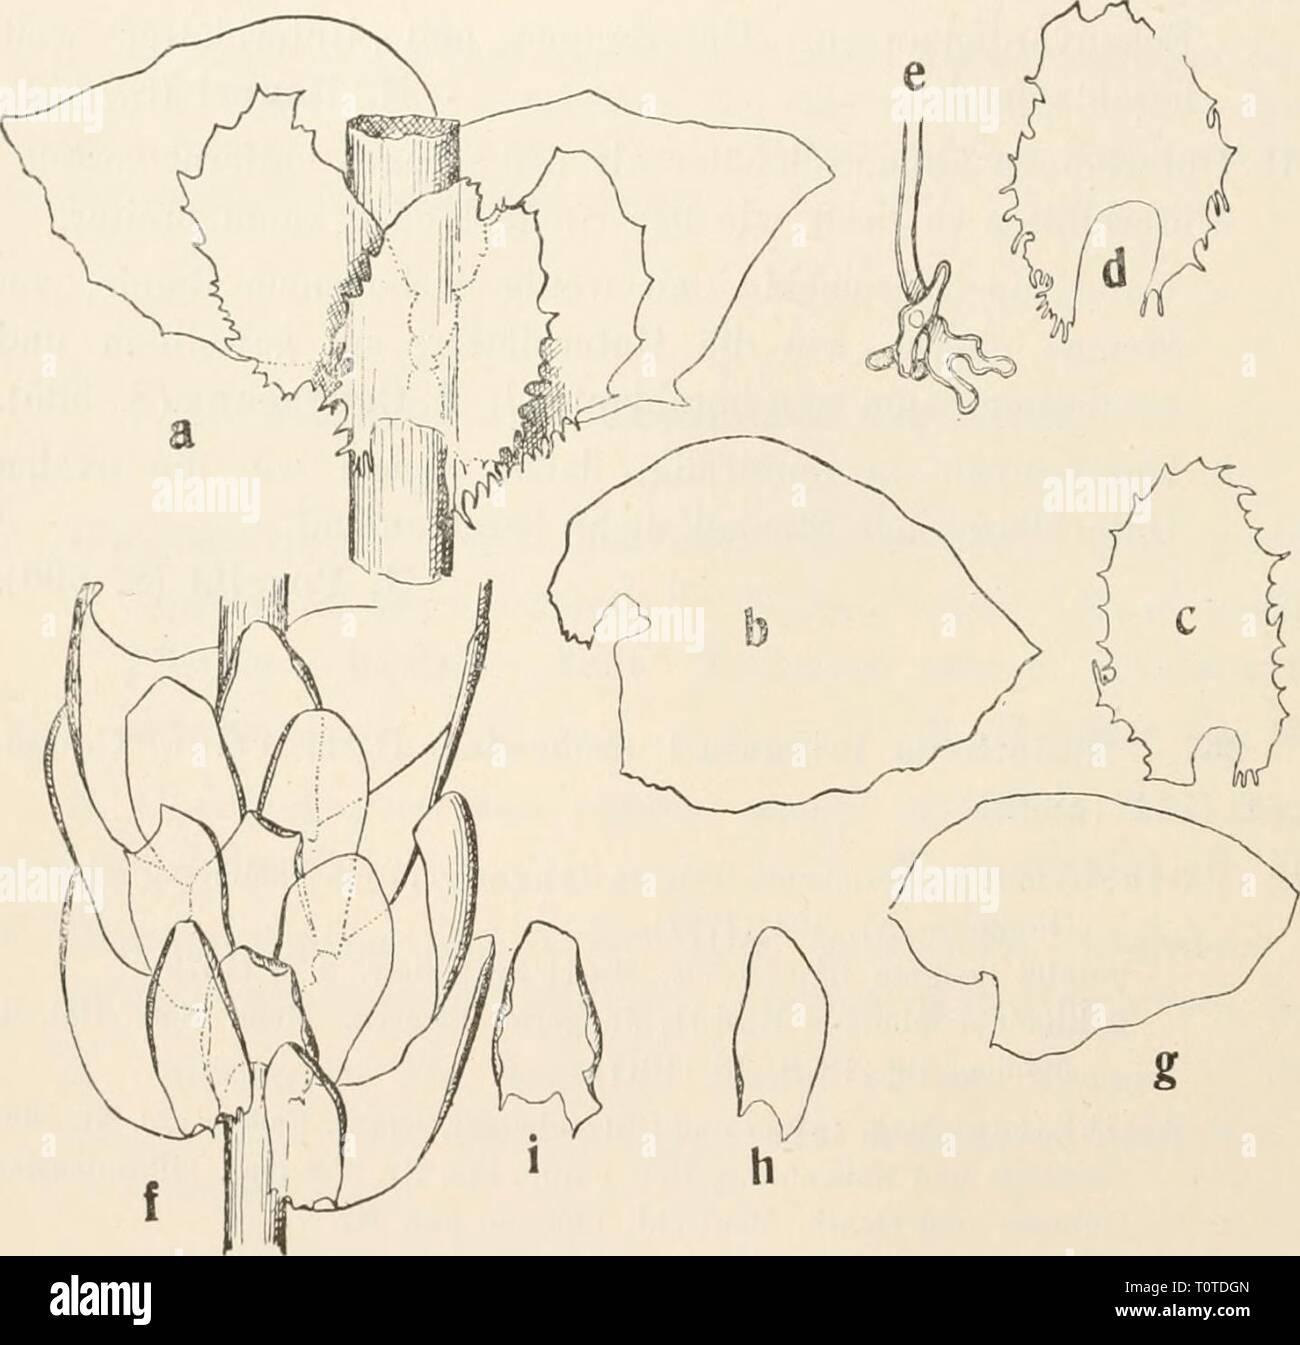 Dr L Rabenhorst's Kryptogamen-Flora von Dr. L. Rabenhorst's Kryptogamen-Flora von Deutschland, Oesterreich und der Schweiz  drlrabenhorstskr0602rabe Year: 1912  562 Madotheca. breit, reich verzweigt, oft ziemlich re.s^elmäßig fiederig, metallisch glänzend, beim Zerbeißen von pfefferartigem Geschmack. Stengel dicht schuppenartig beblättert, am Rande mit -i Reihen kleiner, derbwandiger Zellen. Blattoberlappen breit-eiförmig, 1,4 mm lang und am Grunde fast ebenso breit, stumpf oder zu- gespitzt, oft in ein Spitzchen auslaufend, konvex, mit dem oberen Rande den Stengel umfassend und darübergreifen Stock Photo